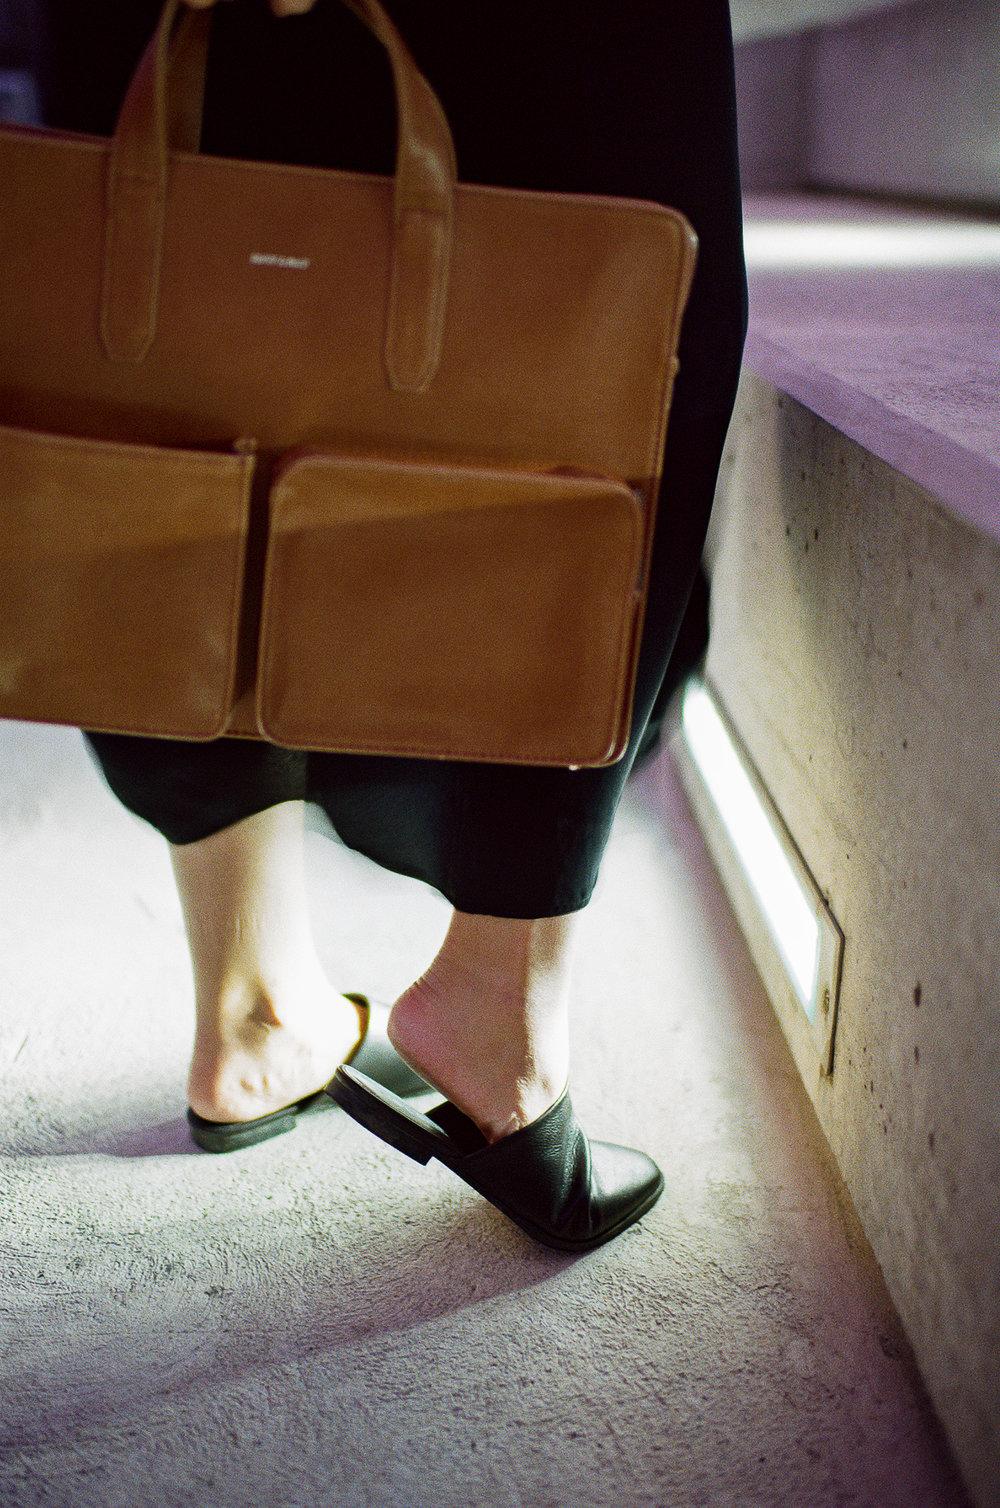 105-Watchit!-and-Oak-+-Fort-Photoshoot-Evening-Fashion-Outtake-35mm-Kodak-GoldA.JPG